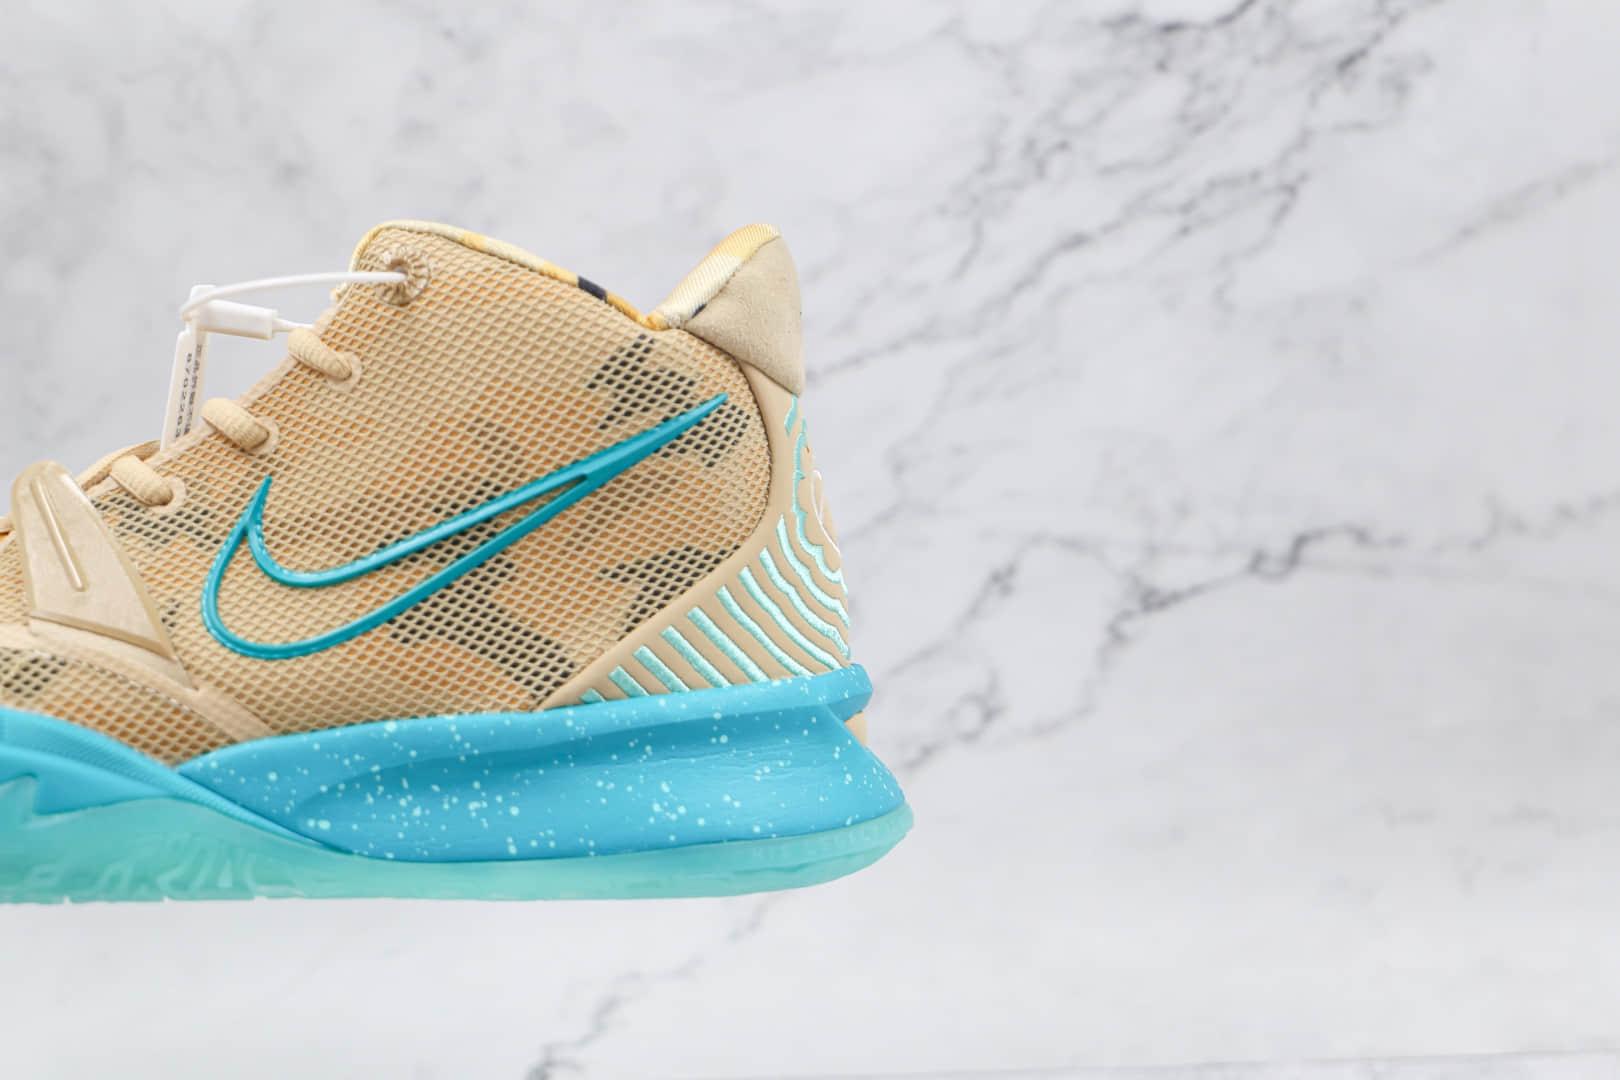 耐克Nike Kyrie 7 HorusEP x Concepts联名款纯原版本欧文7代黄蓝夏日配色篮球鞋内置气垫支持实战 货号:CT4080-207